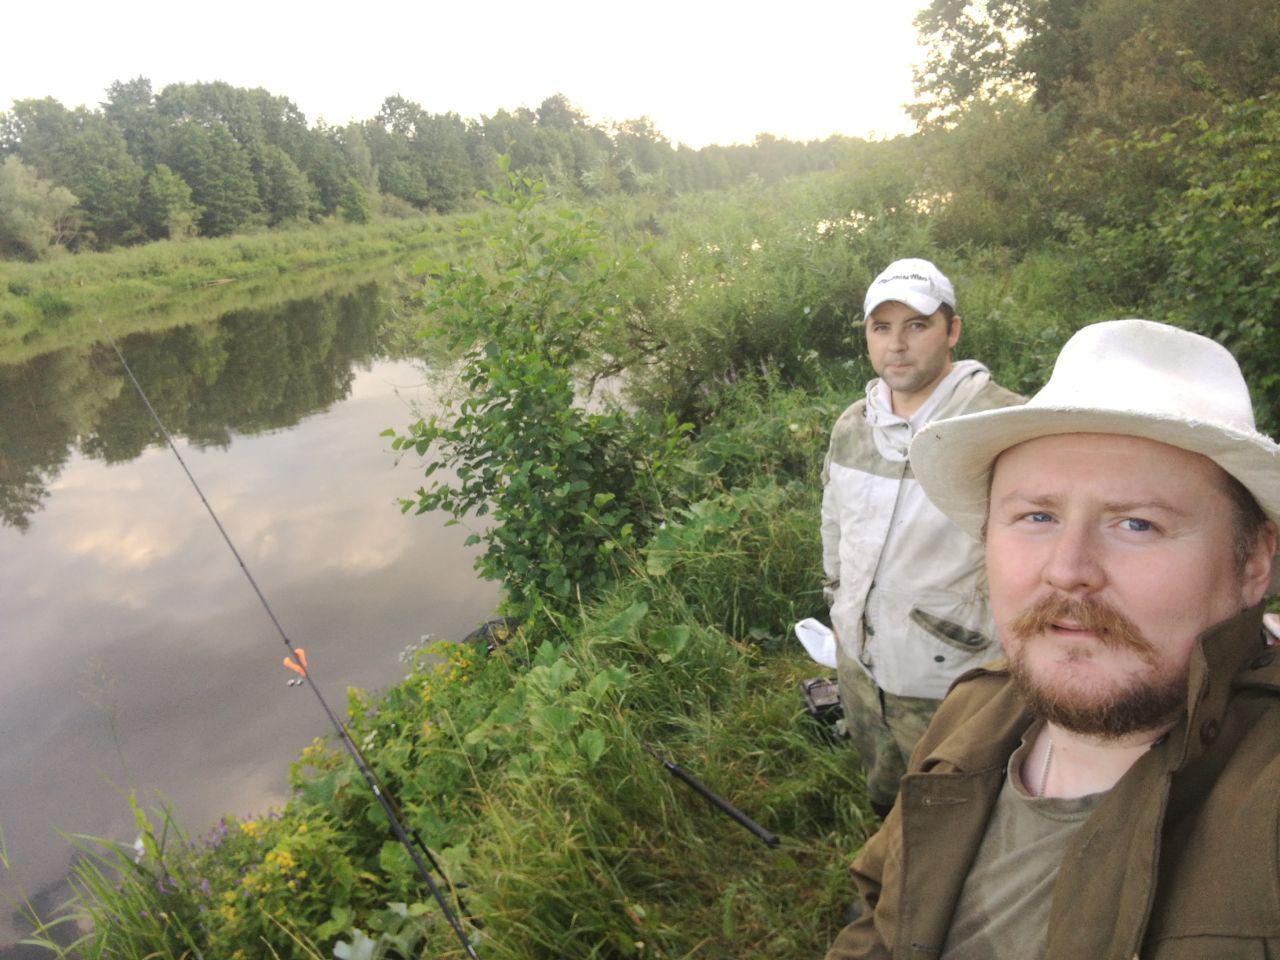 Суровый семейный быт напрочь обломал глобальную рыбалку выходного ...   Отчеты о рыбалке в Беларуси